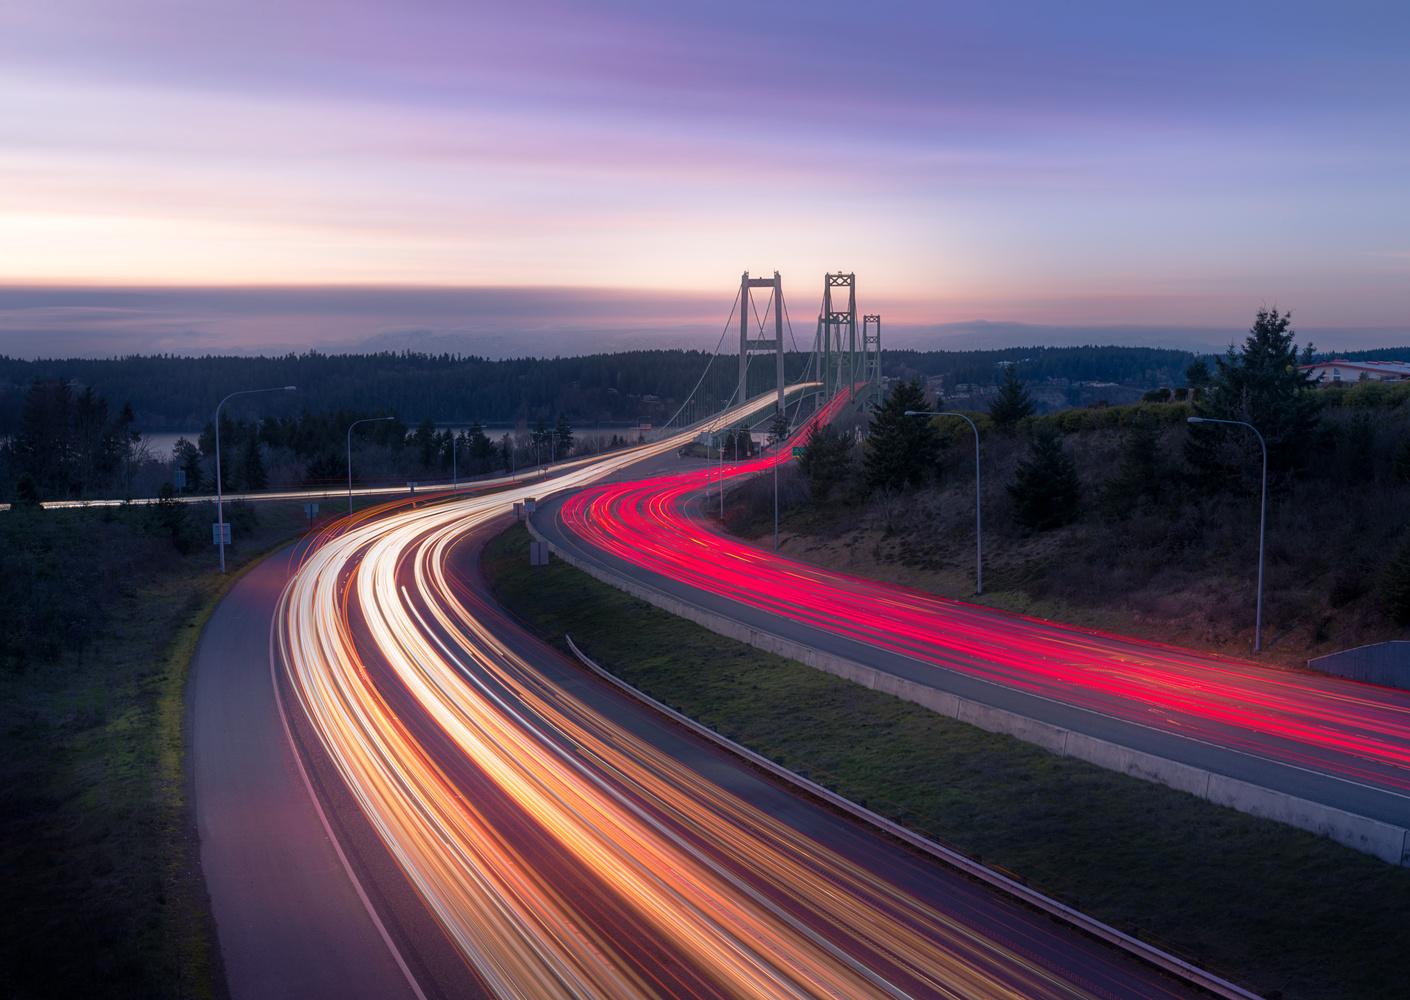 Sunset at the Narrows by Bogdan Tishchenko